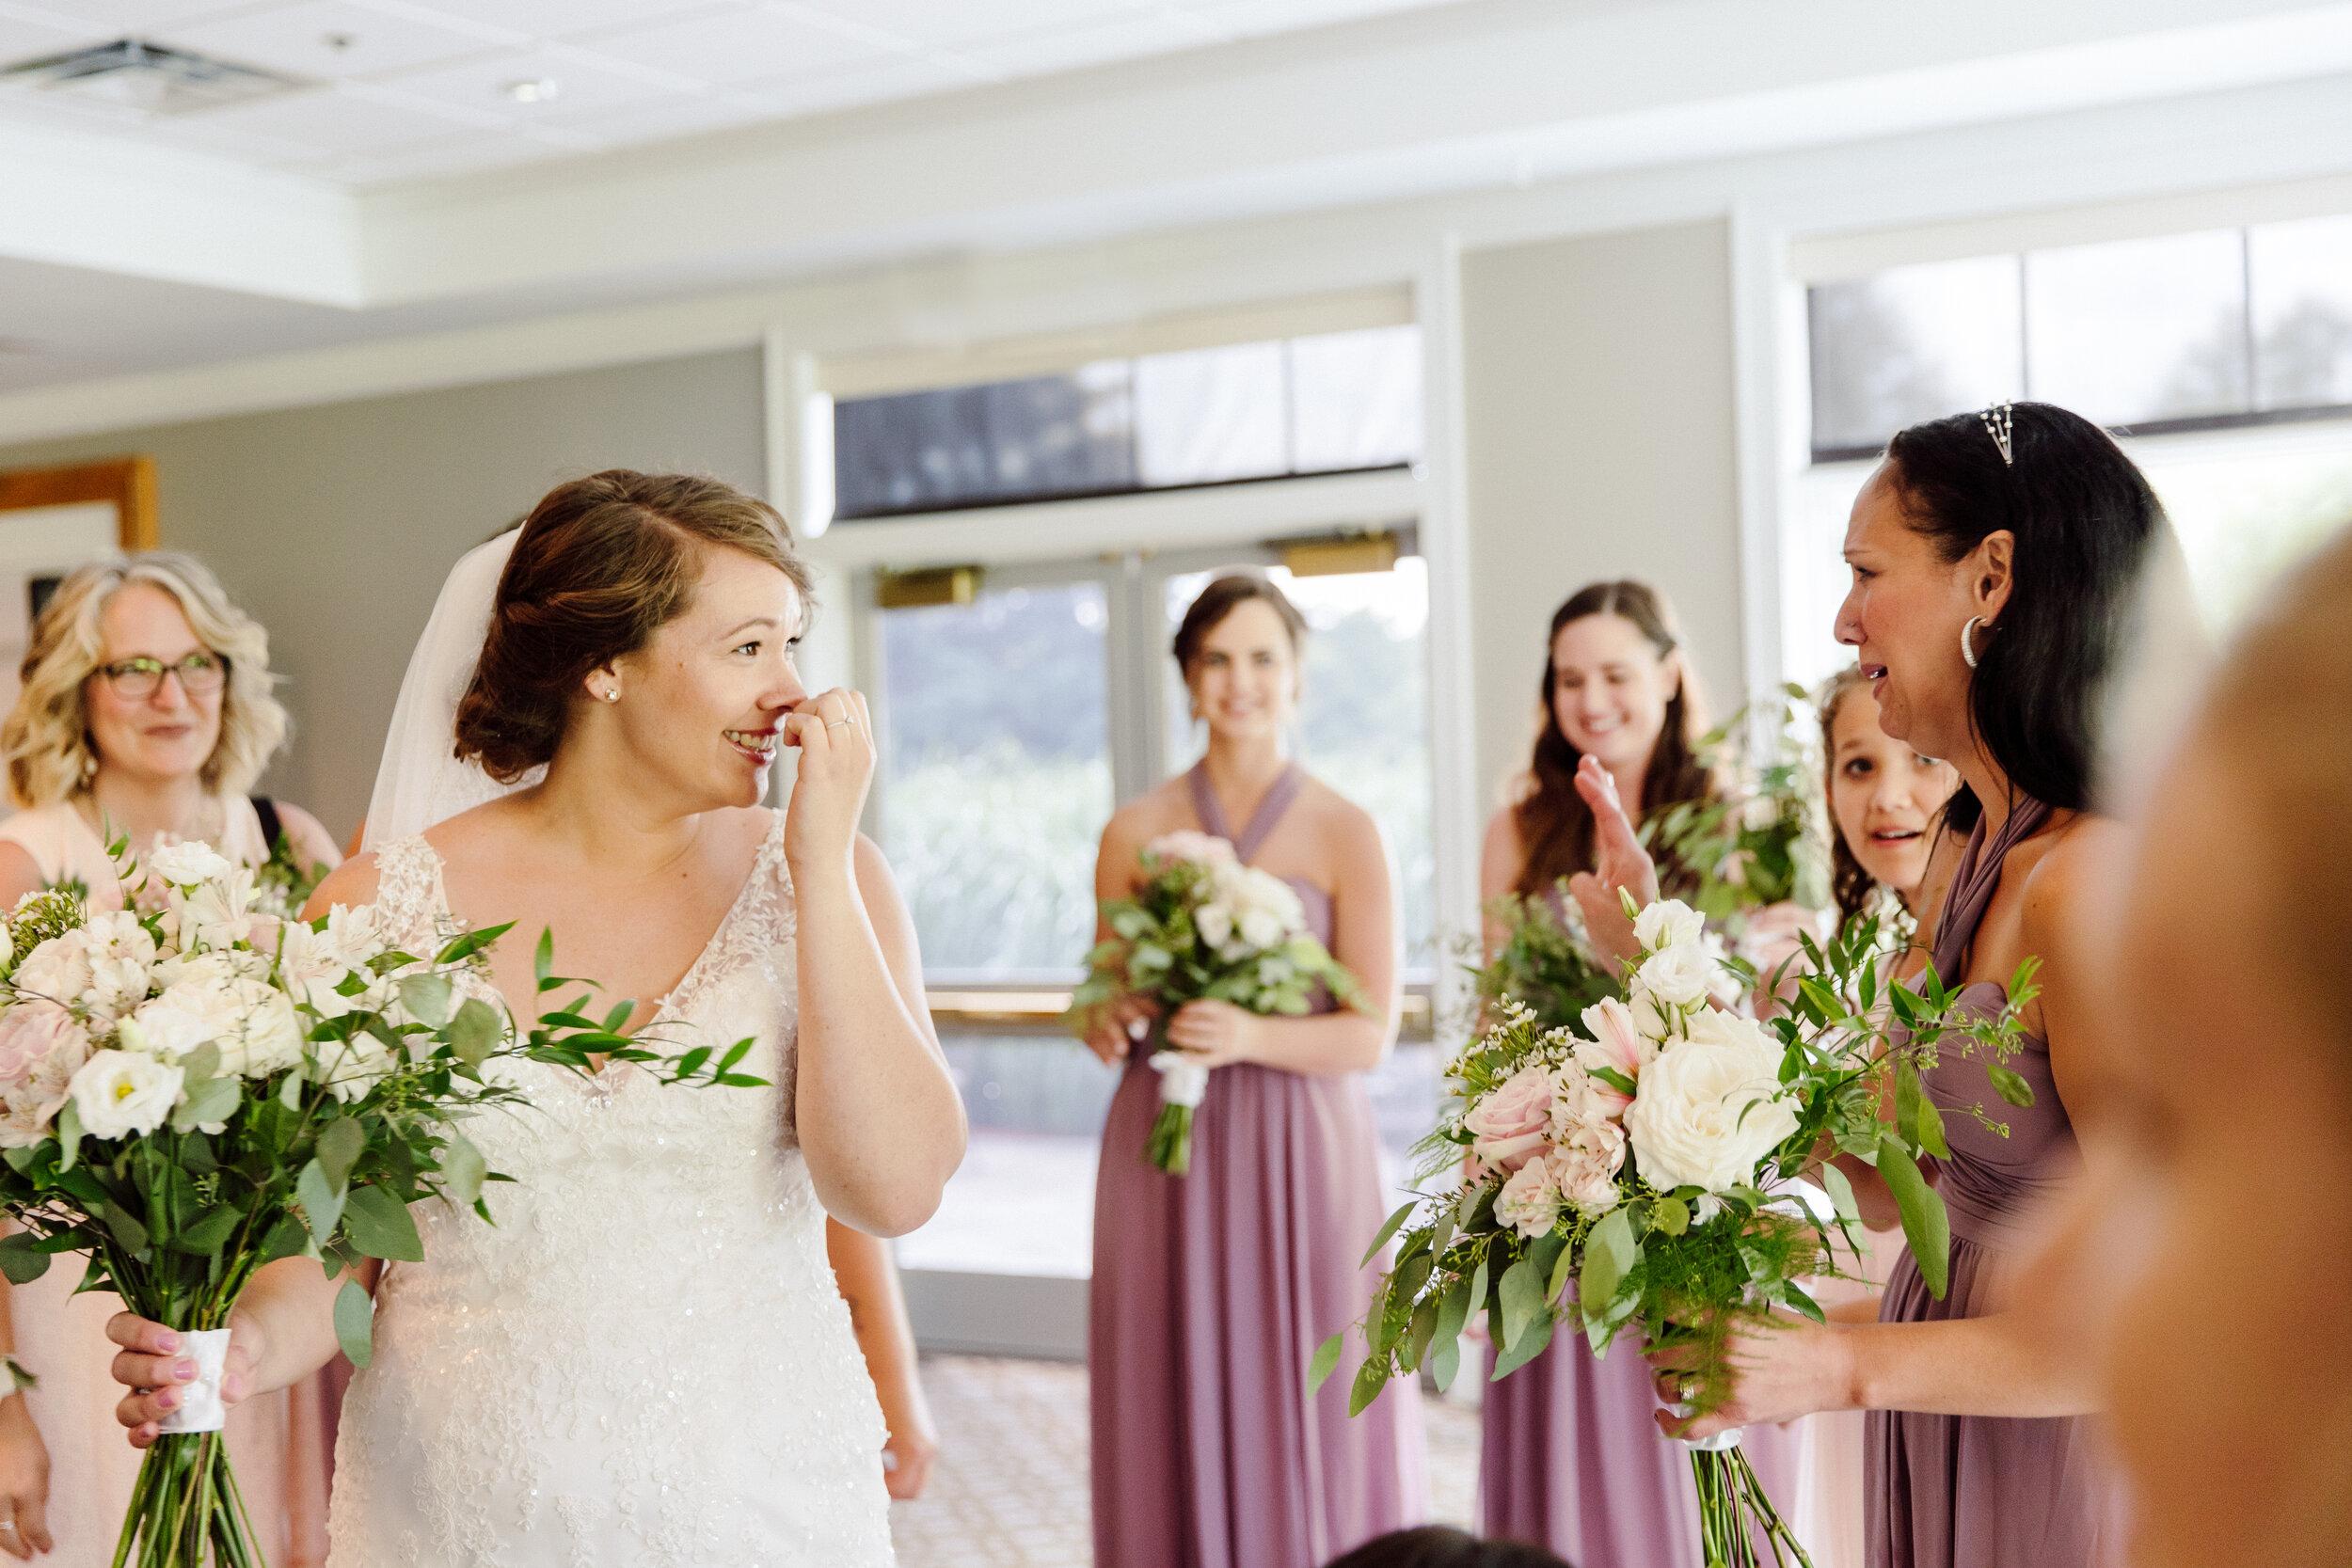 S&B Wedding - Getting Ready & Details-115.jpg